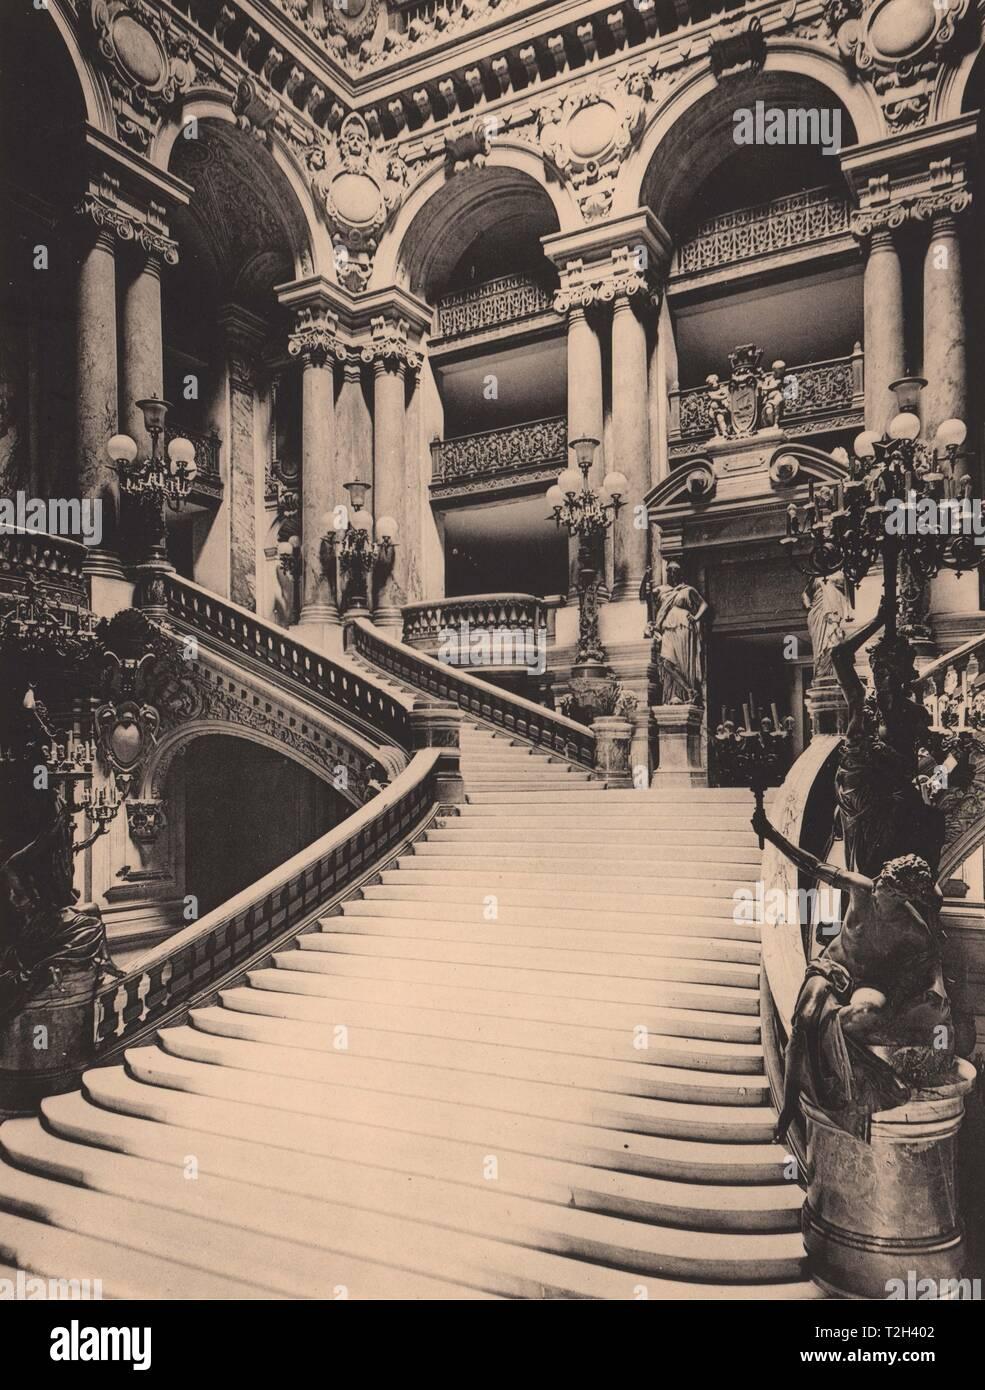 Intérieur de l'Opéra - Le grand Escalier Foto de stock